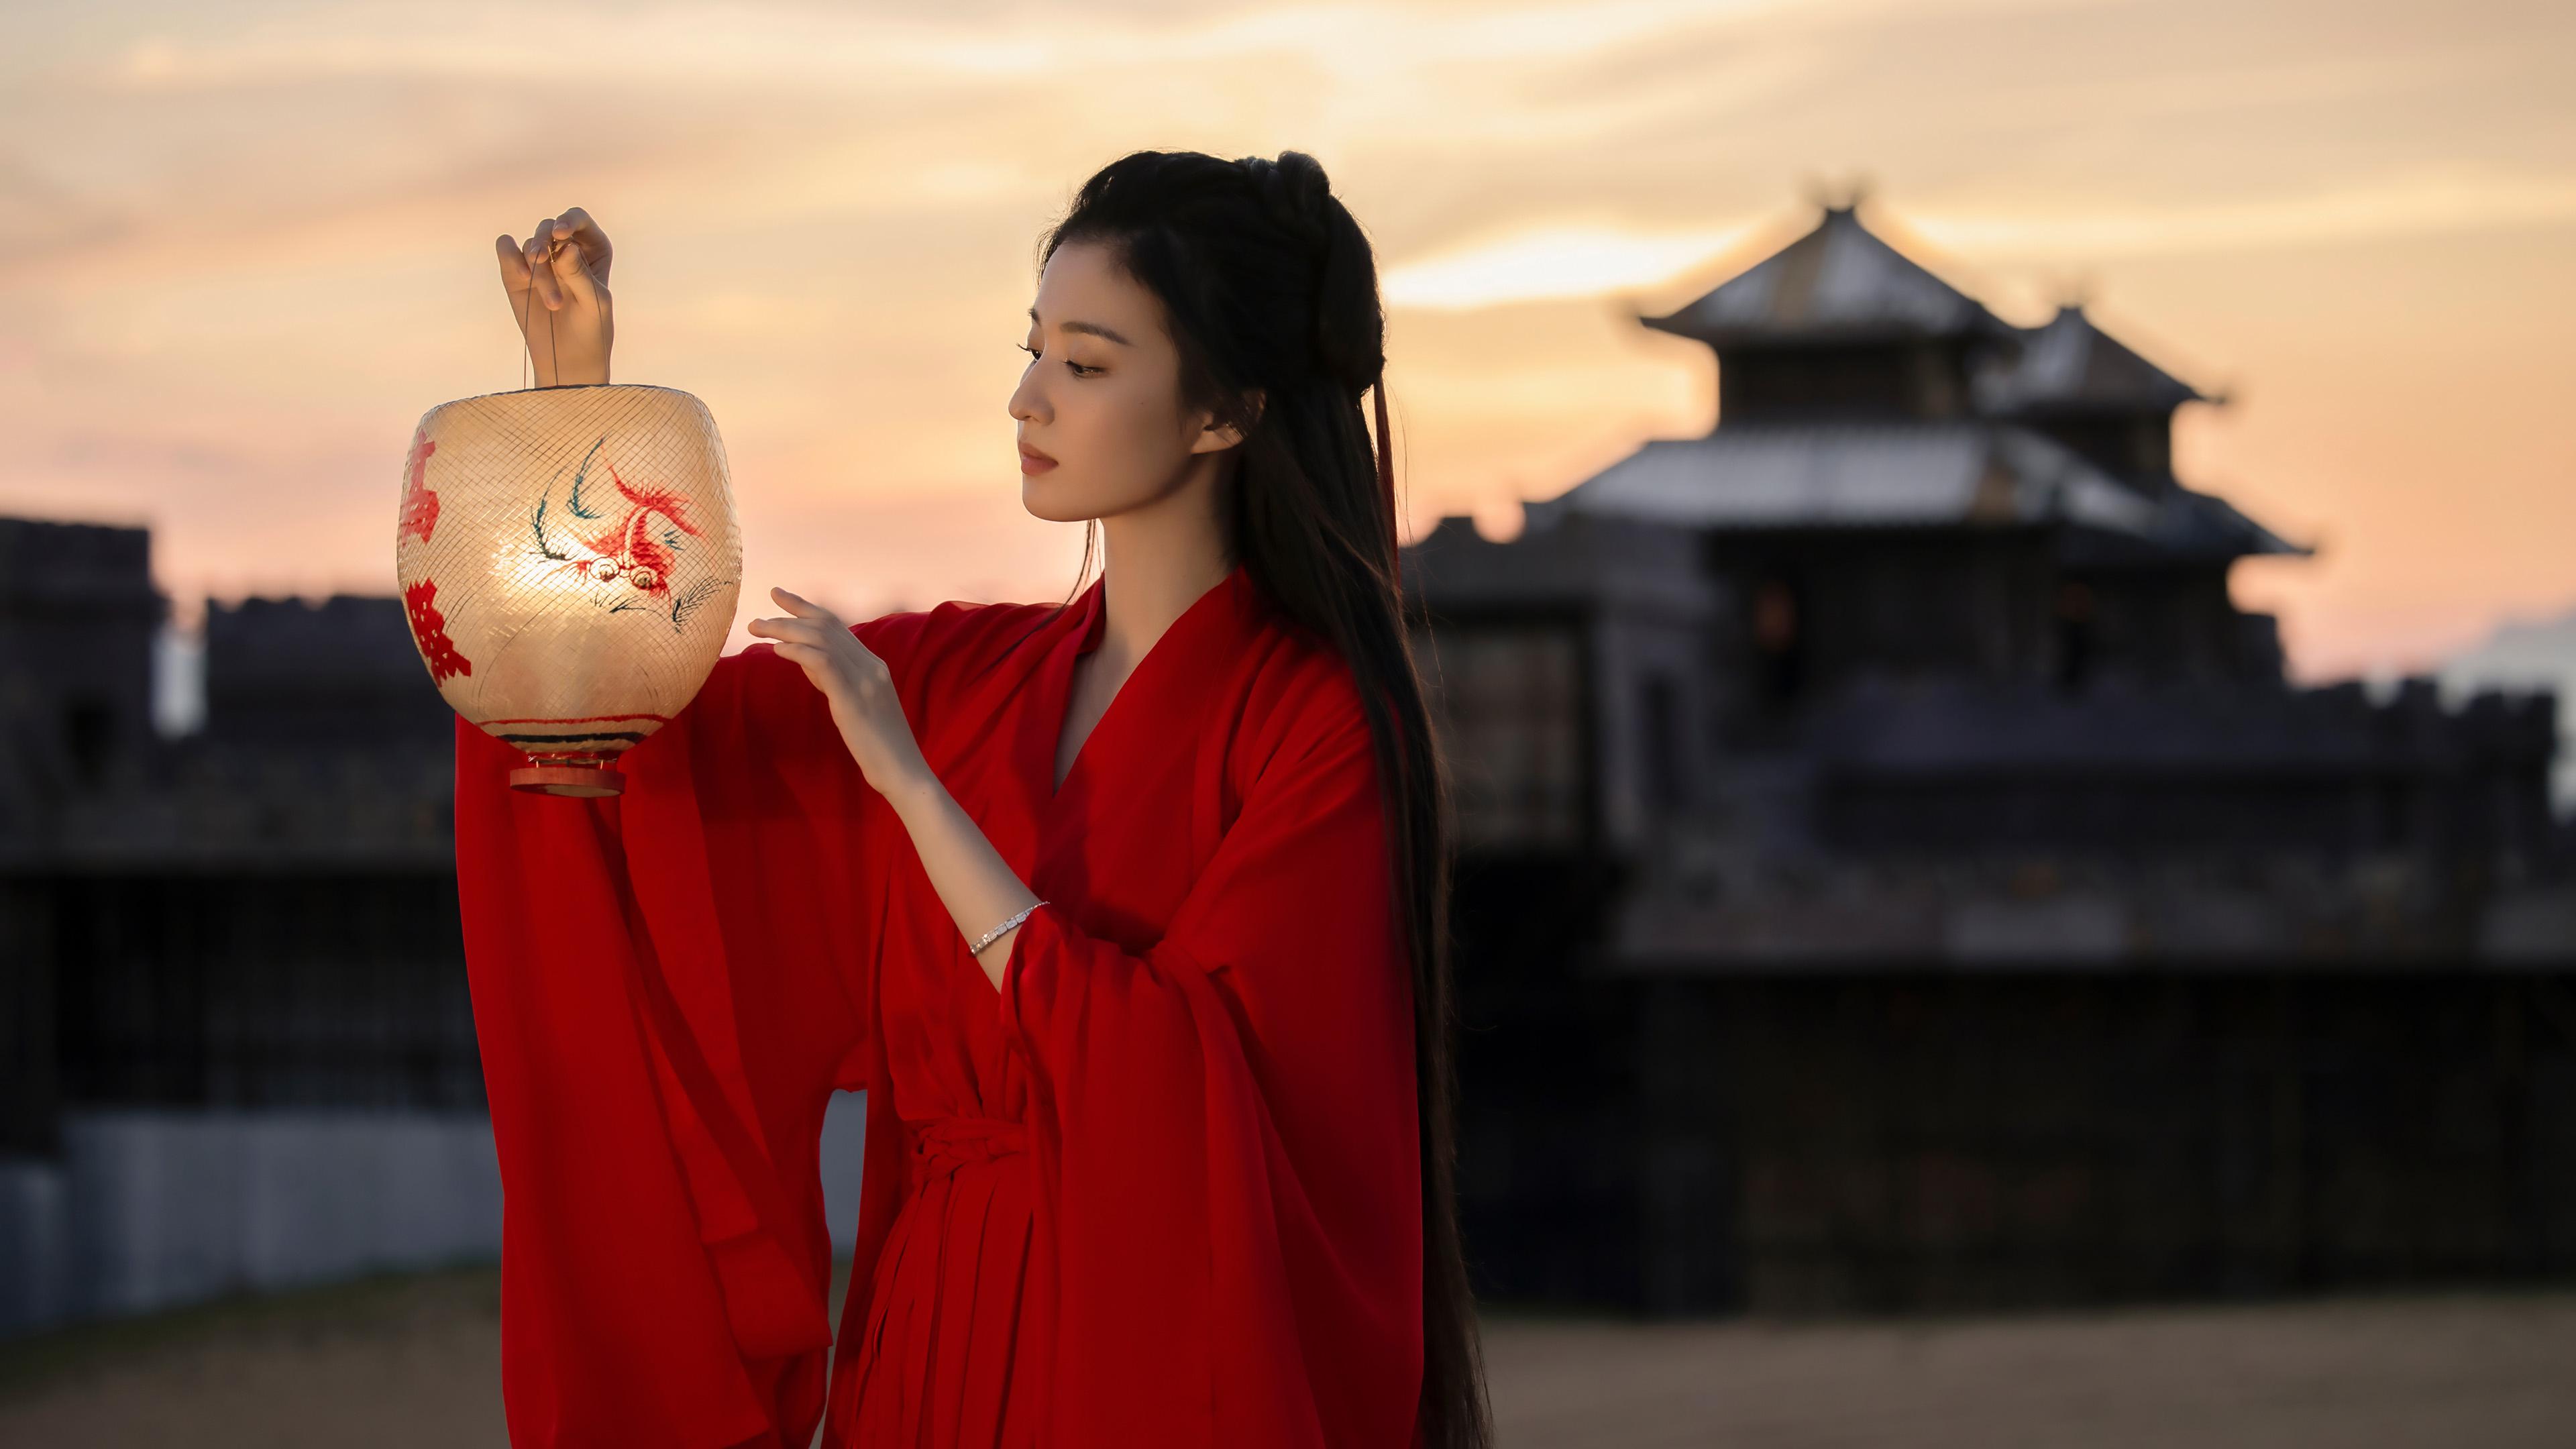 明星风尚,王楚然,古装,红裙,神仙姐姐